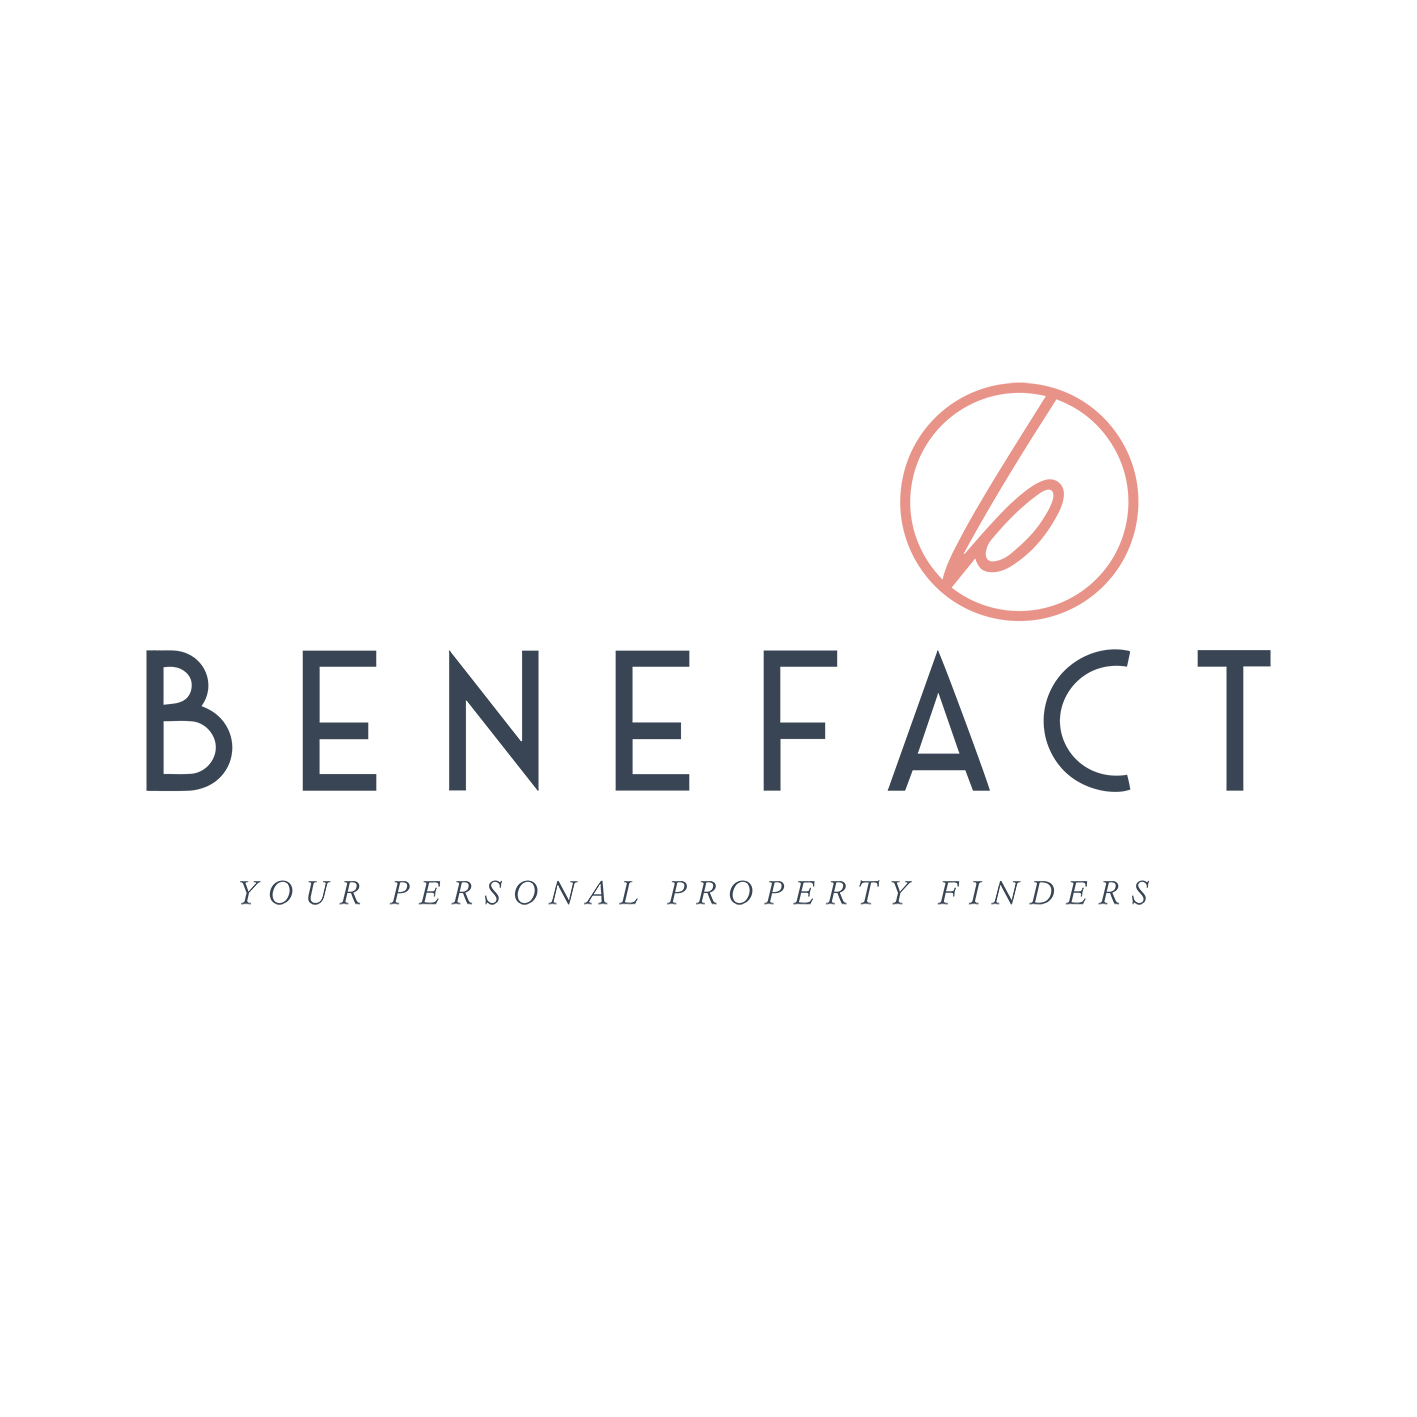 Benefact Property Finders Surrey.jpg